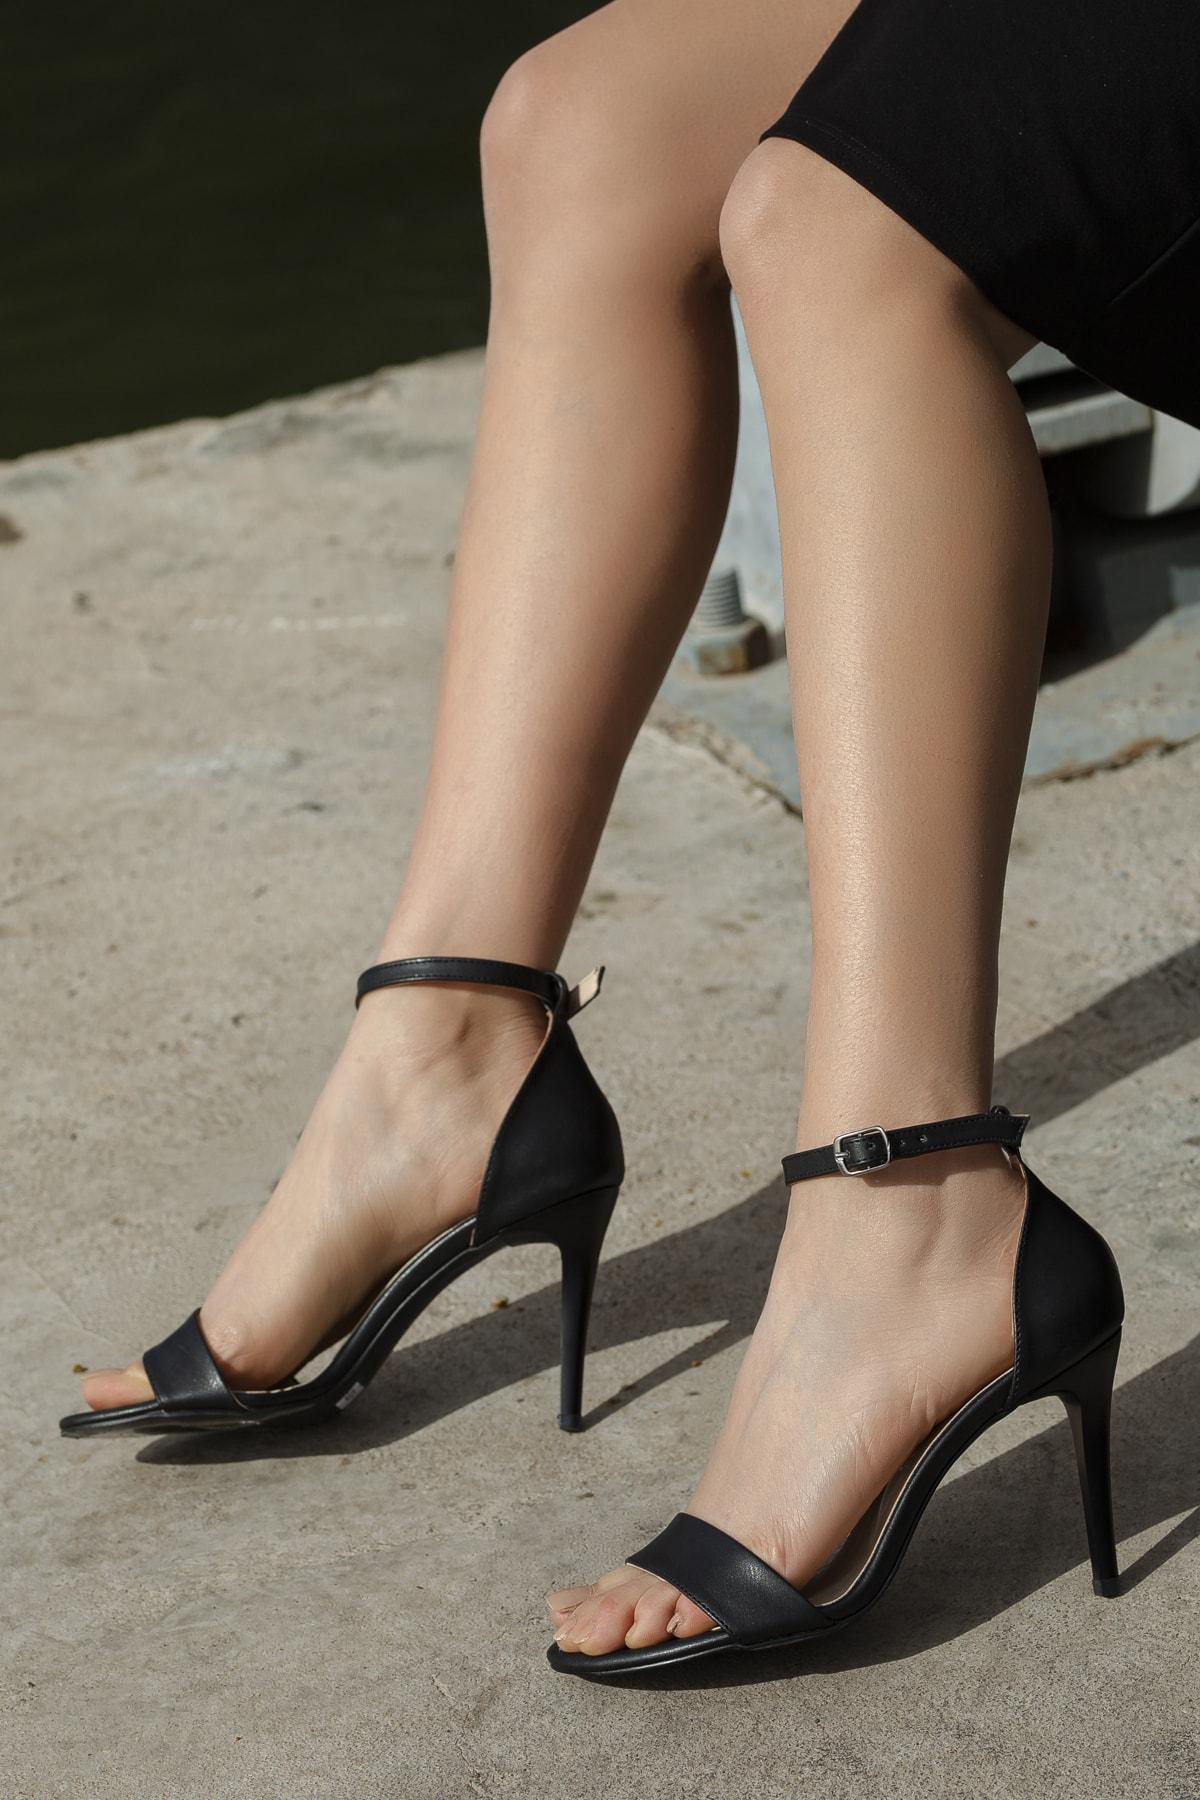 Daxtors Kadın Siyah Günlük Klasik Topuklu Ayakkabı D02525 2